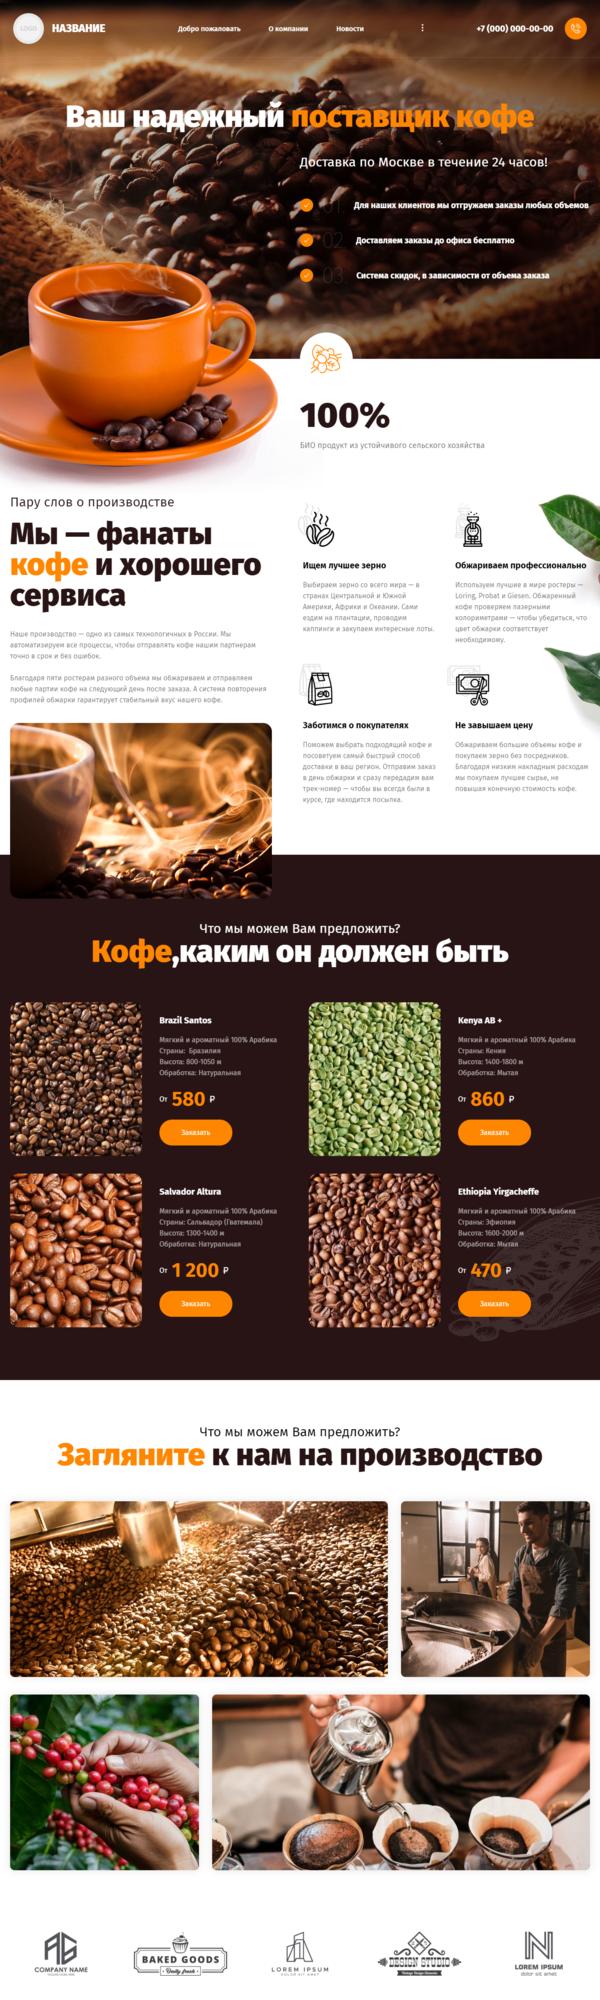 поставка кофе